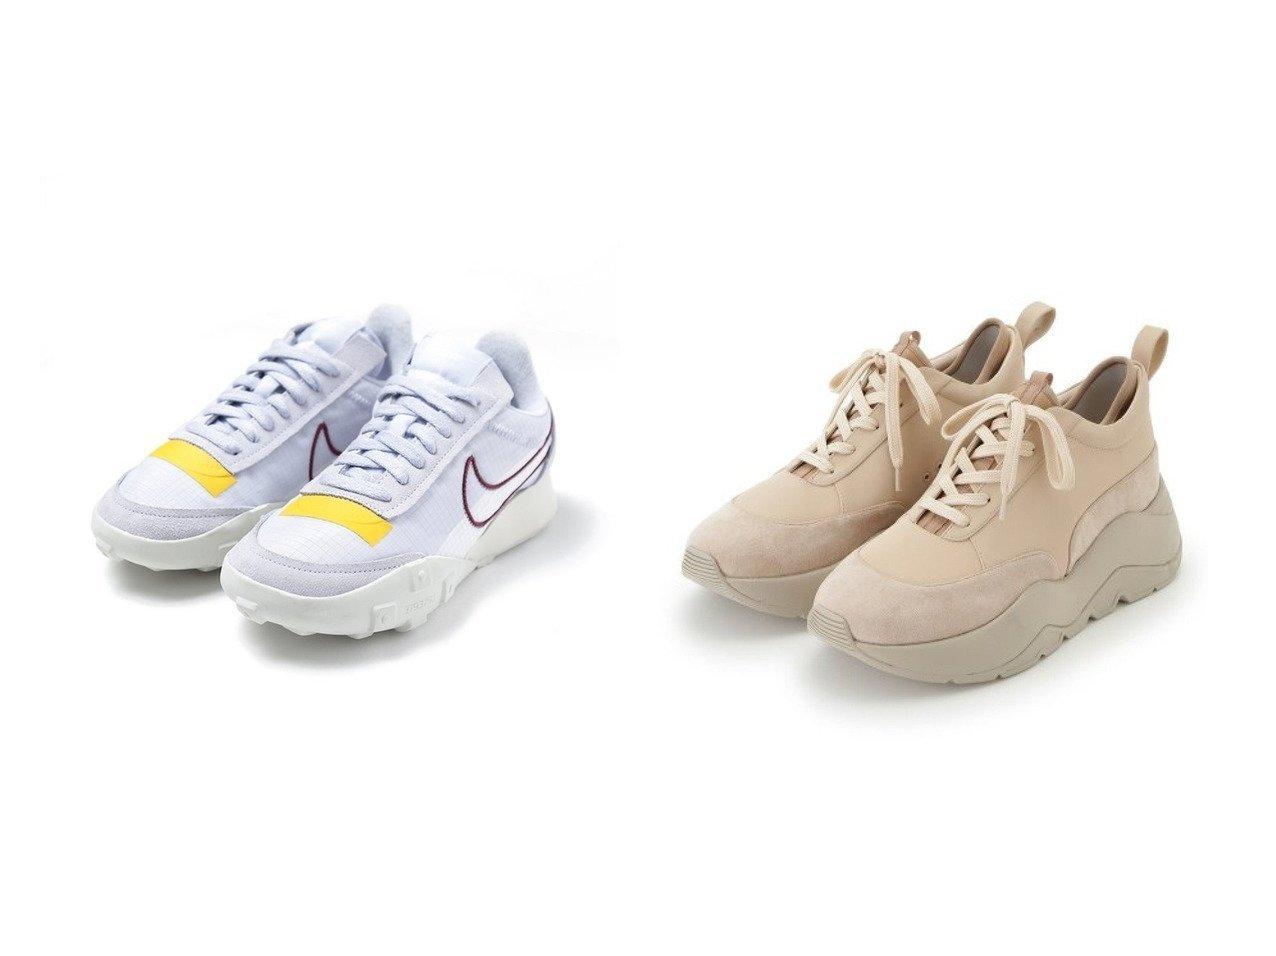 【emmi/エミ】の【NIKE meets emmi】W NIKE WAFFLE RACER 2X&【emmi original】emmiオリジナルスニーカーVol.2 シューズ・靴のおすすめ!人気、トレンド・レディースファッションの通販  おすすめで人気の流行・トレンド、ファッションの通販商品 メンズファッション・キッズファッション・インテリア・家具・レディースファッション・服の通販 founy(ファニー) https://founy.com/ ファッション Fashion レディースファッション WOMEN インソール シューズ スニーカー スリッポン フォルム フロント レース 抗菌 インナー クラシック フレンチ ランニング ワッフル 軽量  ID:crp329100000009841